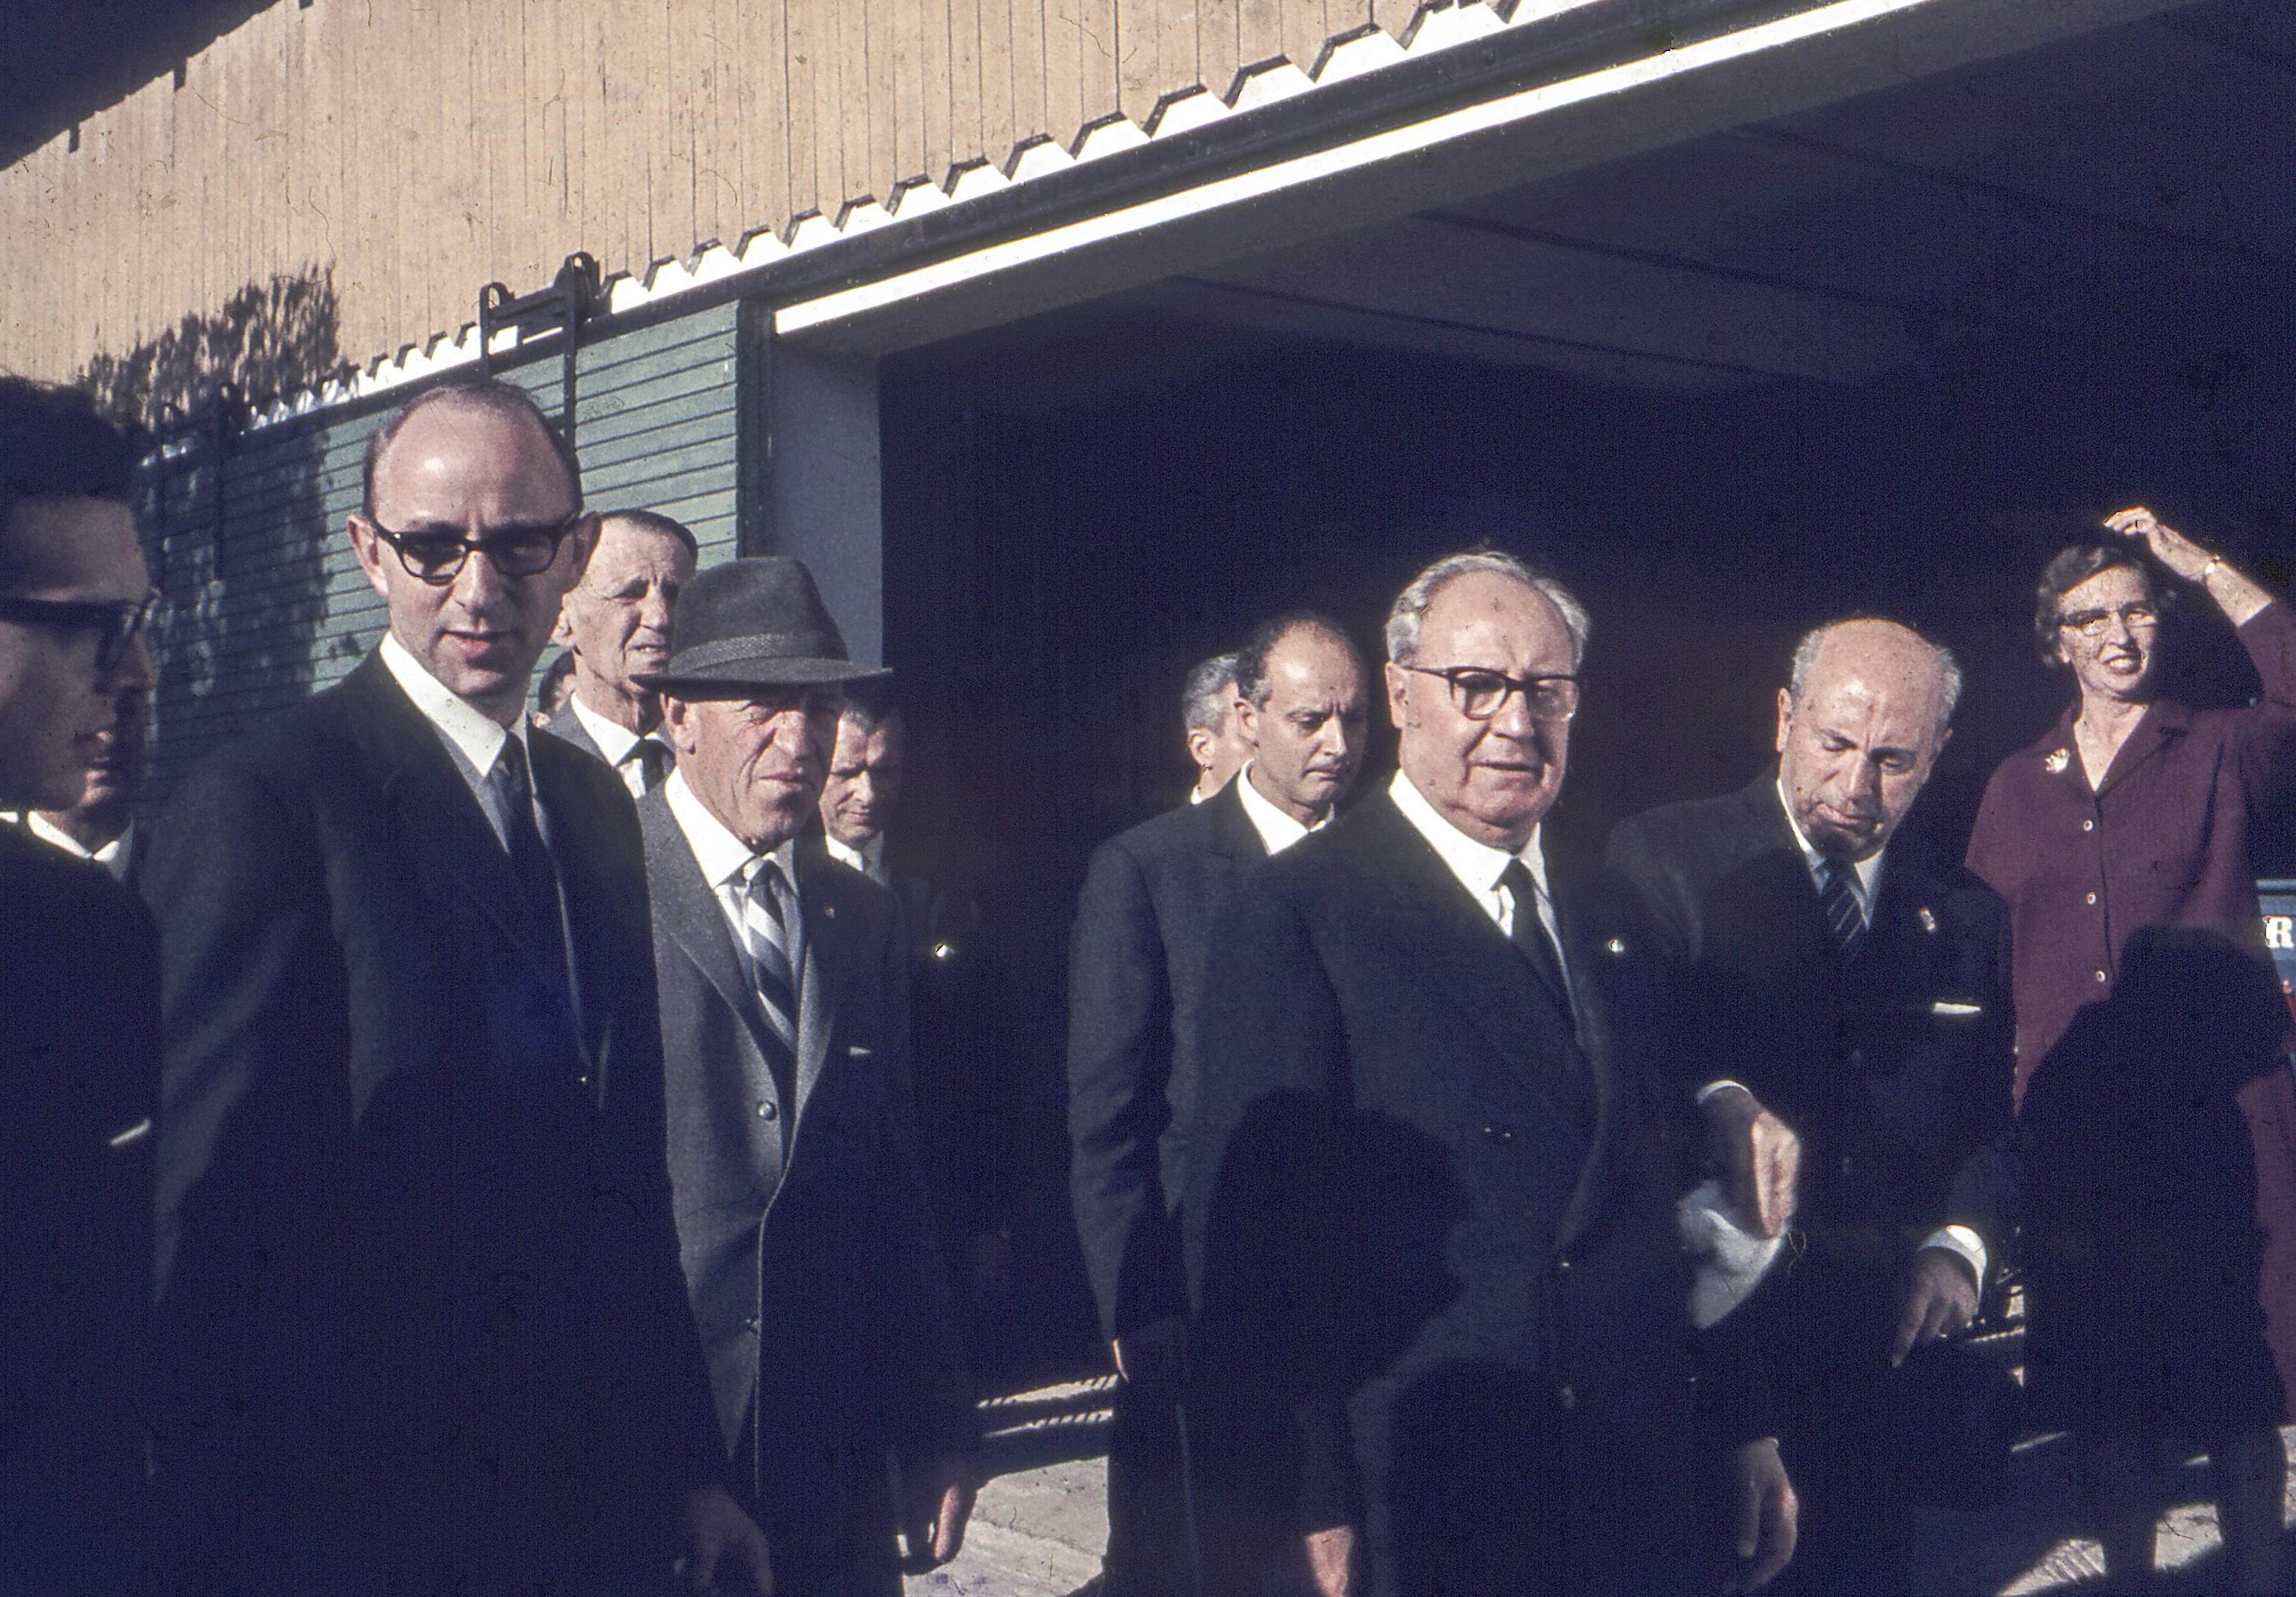 Præsident Giuseppe Saragat med følge. Lystrupvej 31. 1966